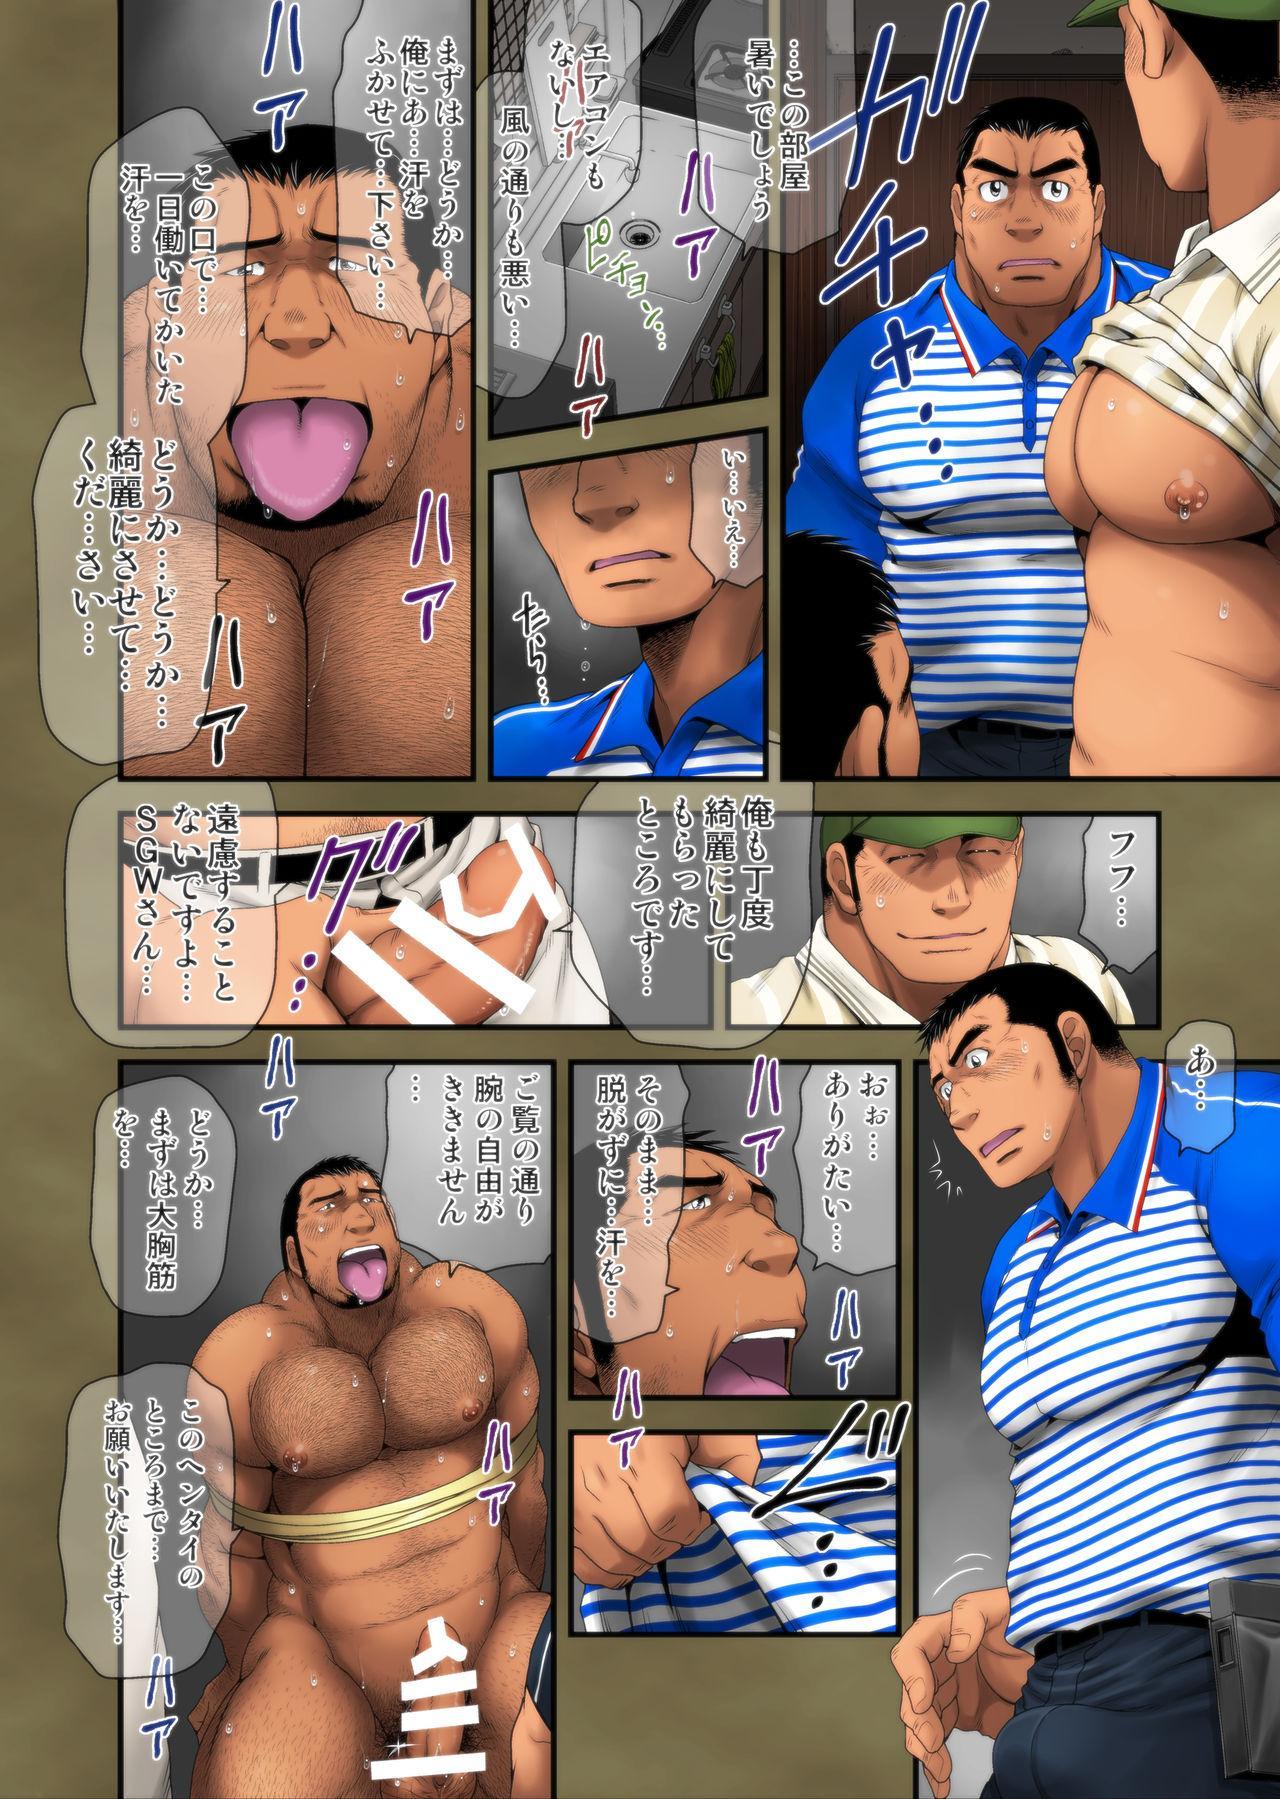 Seifuku to Hentai - Taguchi Driver no Baai 9